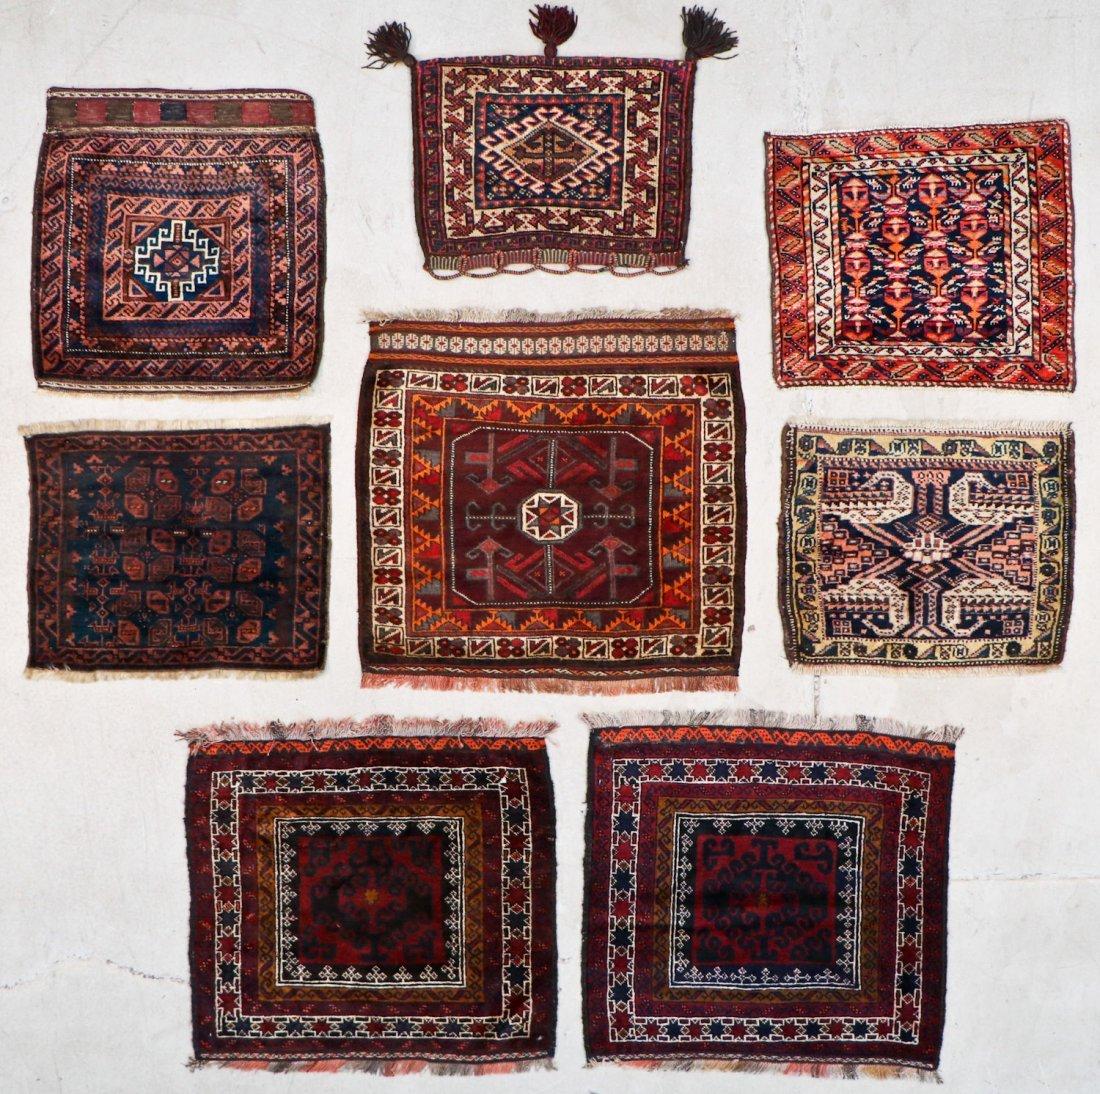 8 Semi Antique Persian/Afghan Bagfaces